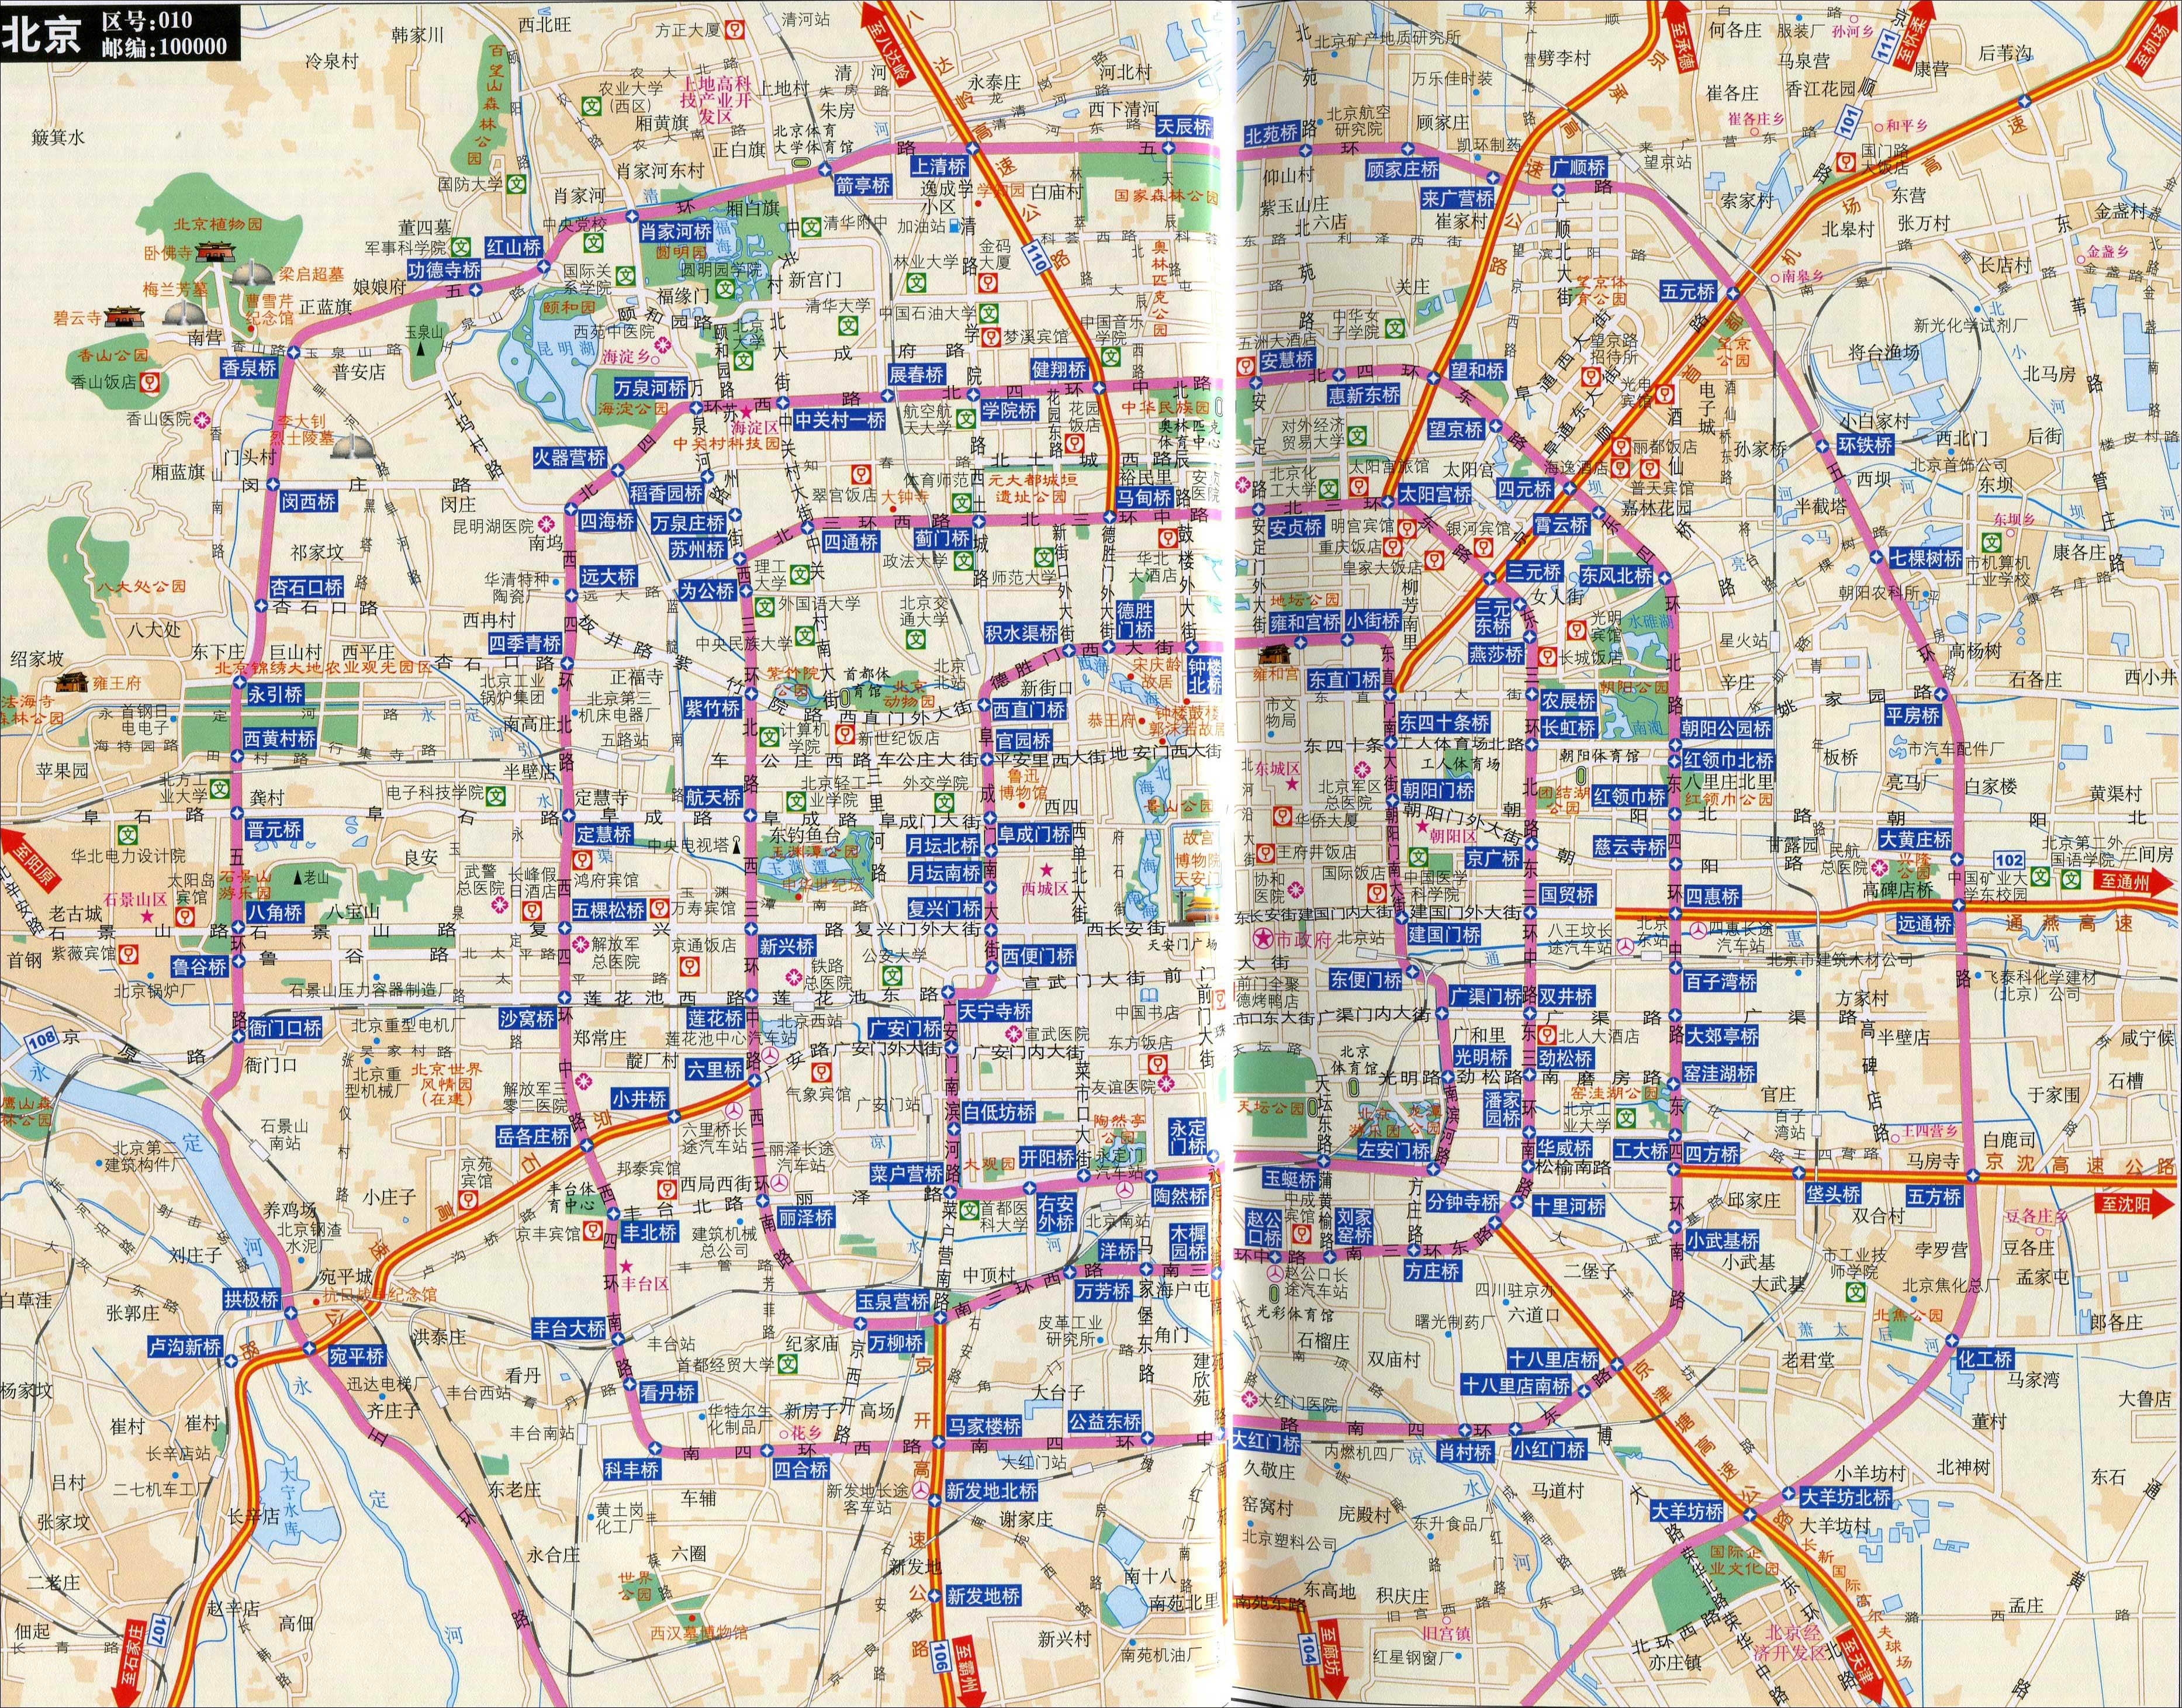 三亚地图全图大图